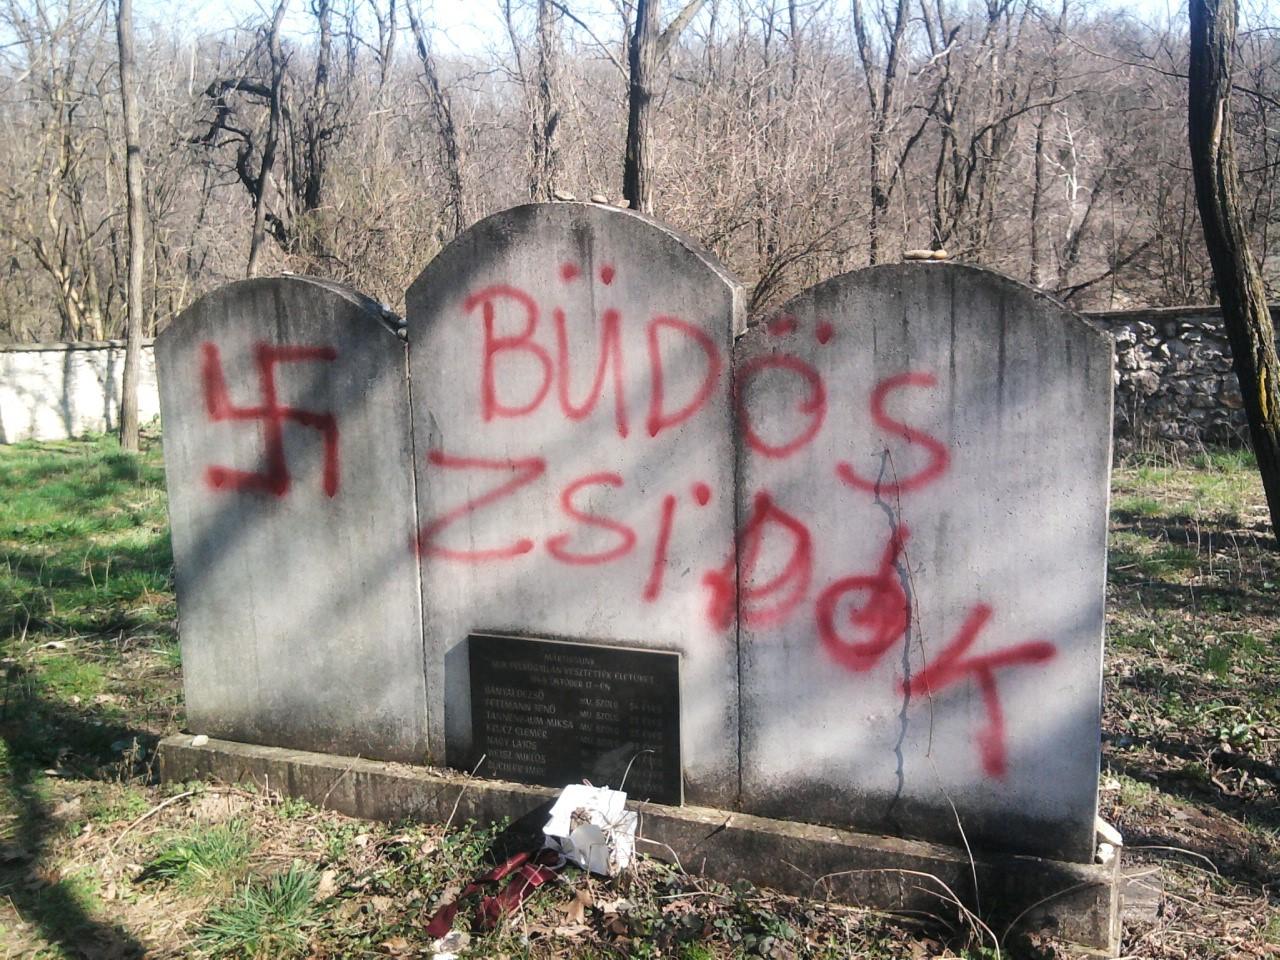 A magyarok 21 százaléka szerint az volna a legjobb, ha a zsidók elhagynák az országot – Kibic Magazin